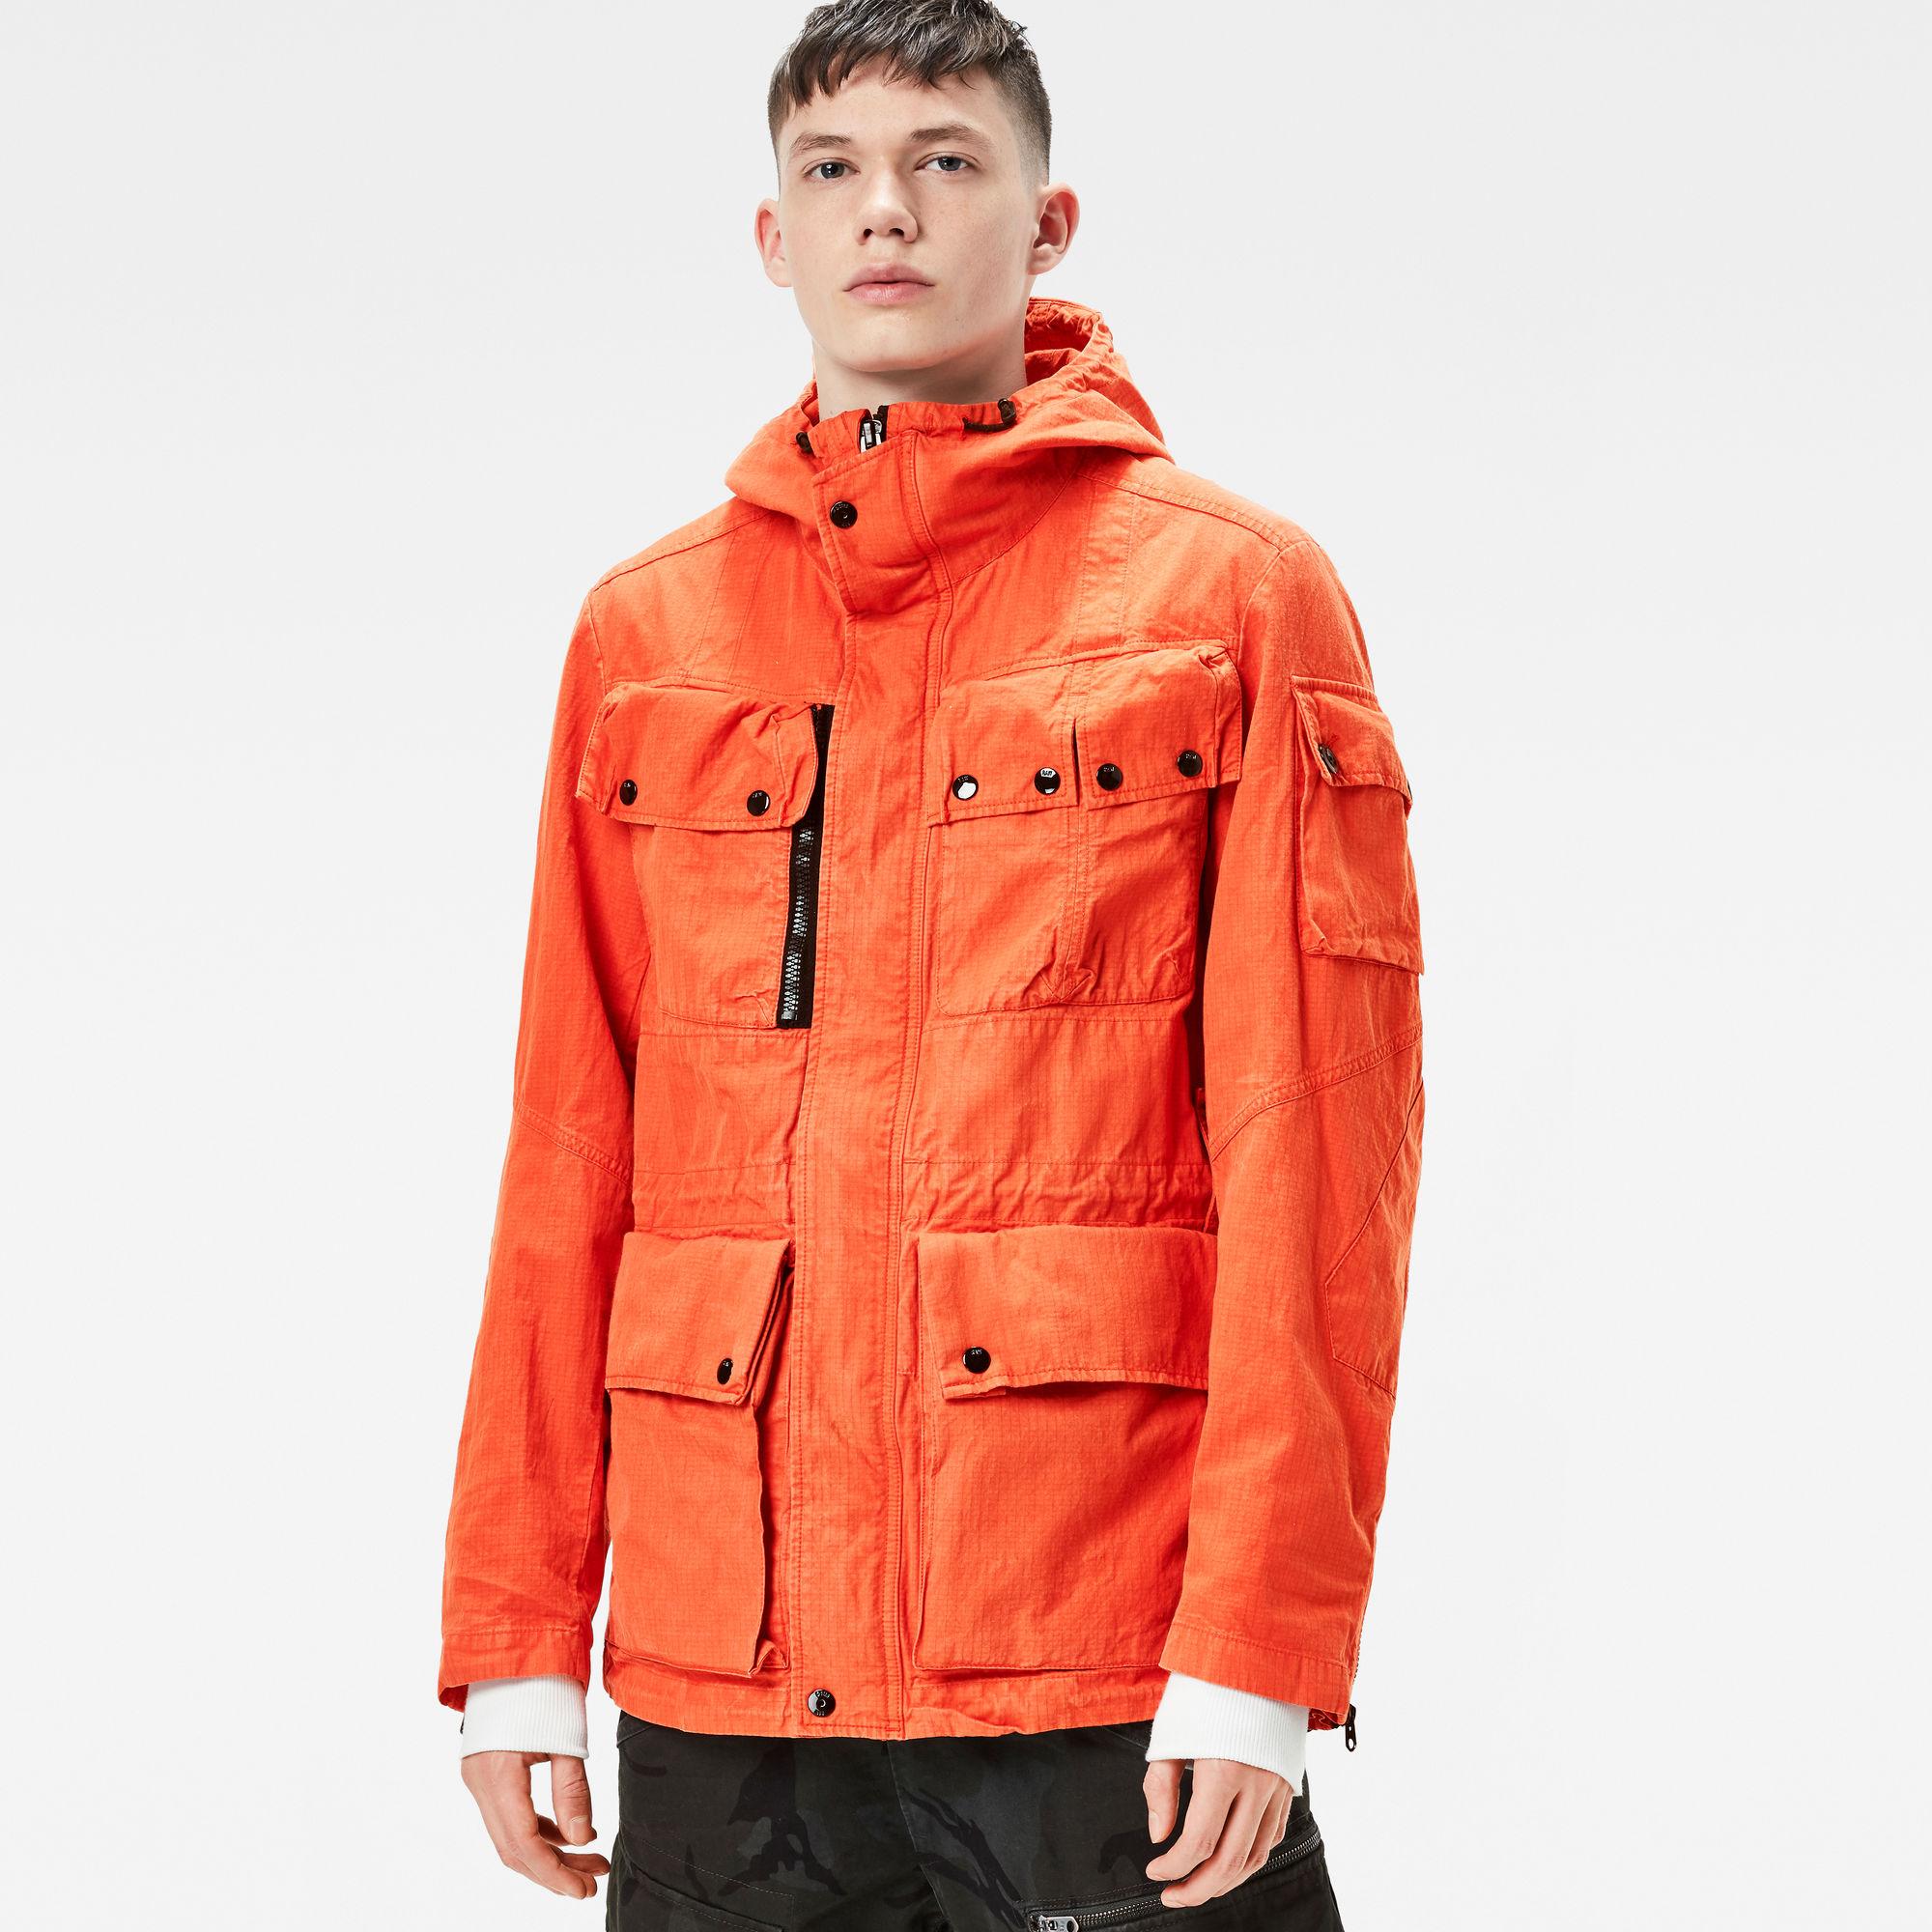 Ospak Hooded Field Jacket